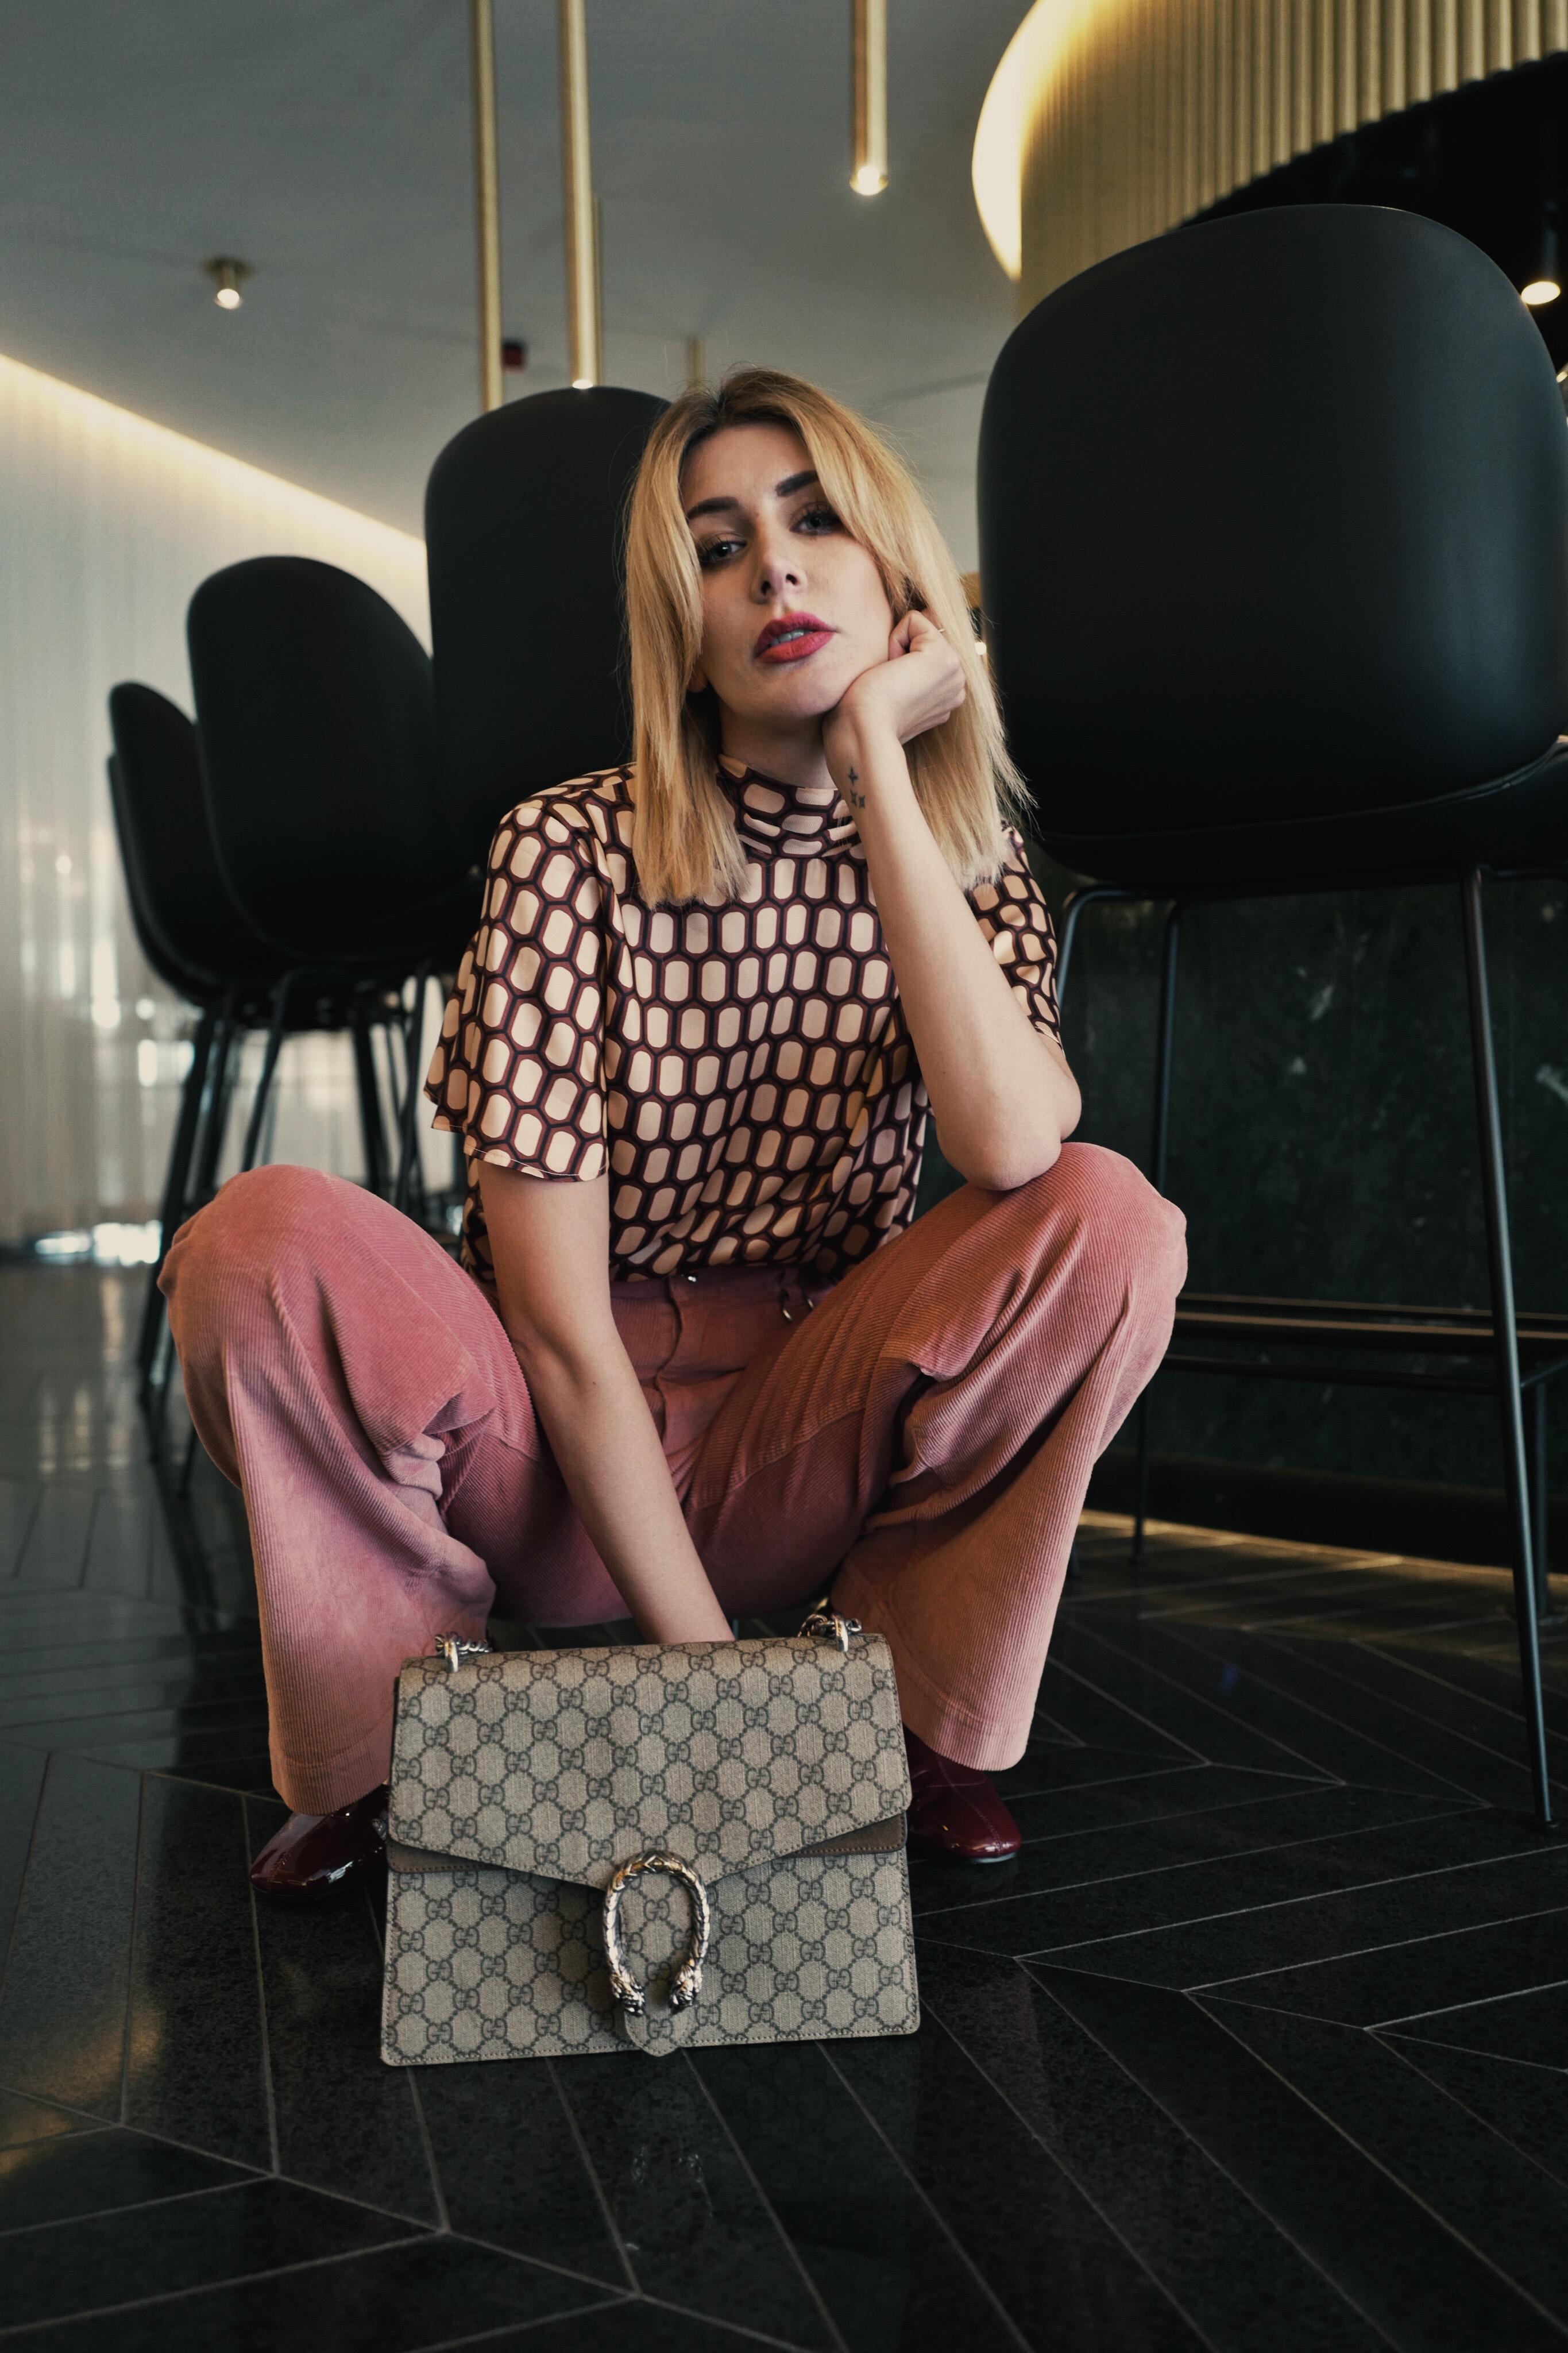 Retro Chic – Cordhose und Bluse mit Bauhaus Muster